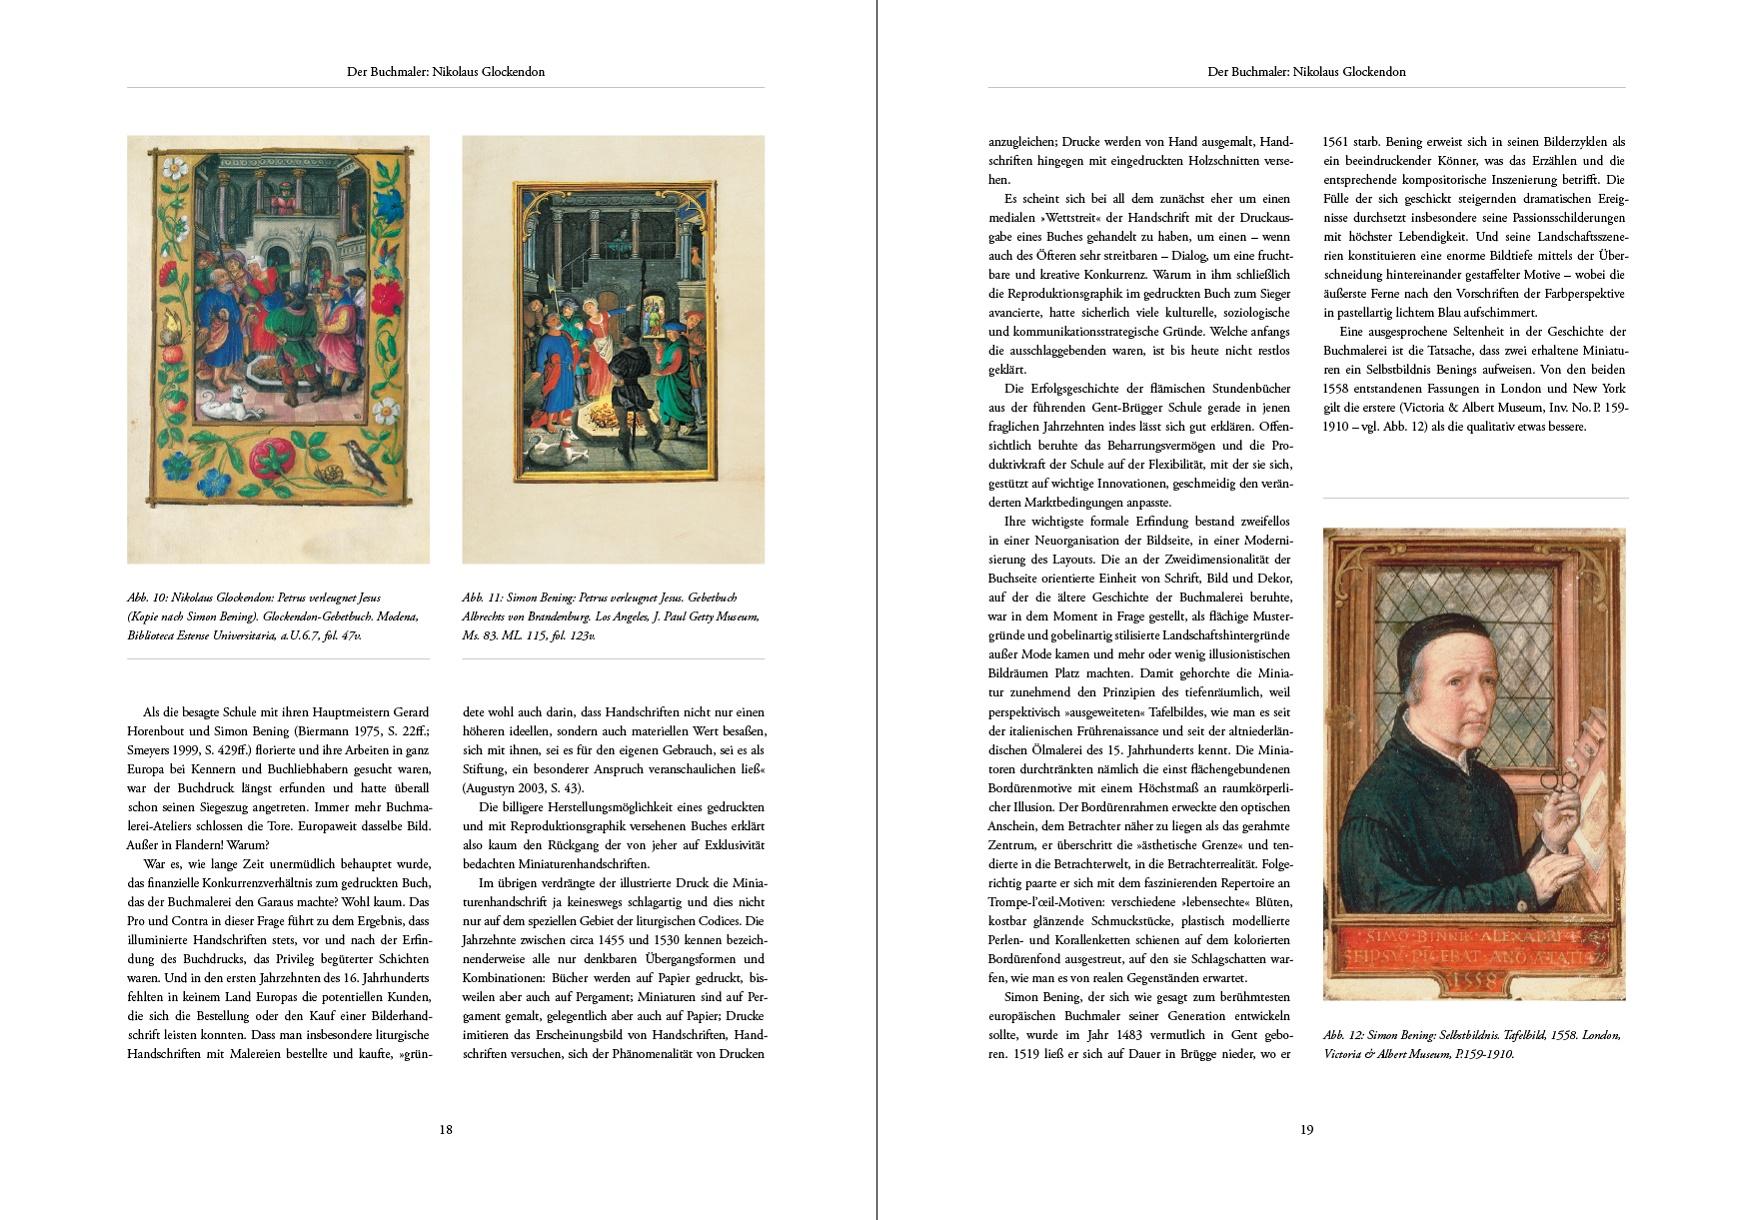 Missale Albrechts von Brandenburg, Kunstbuch-Edition, p. 18-19